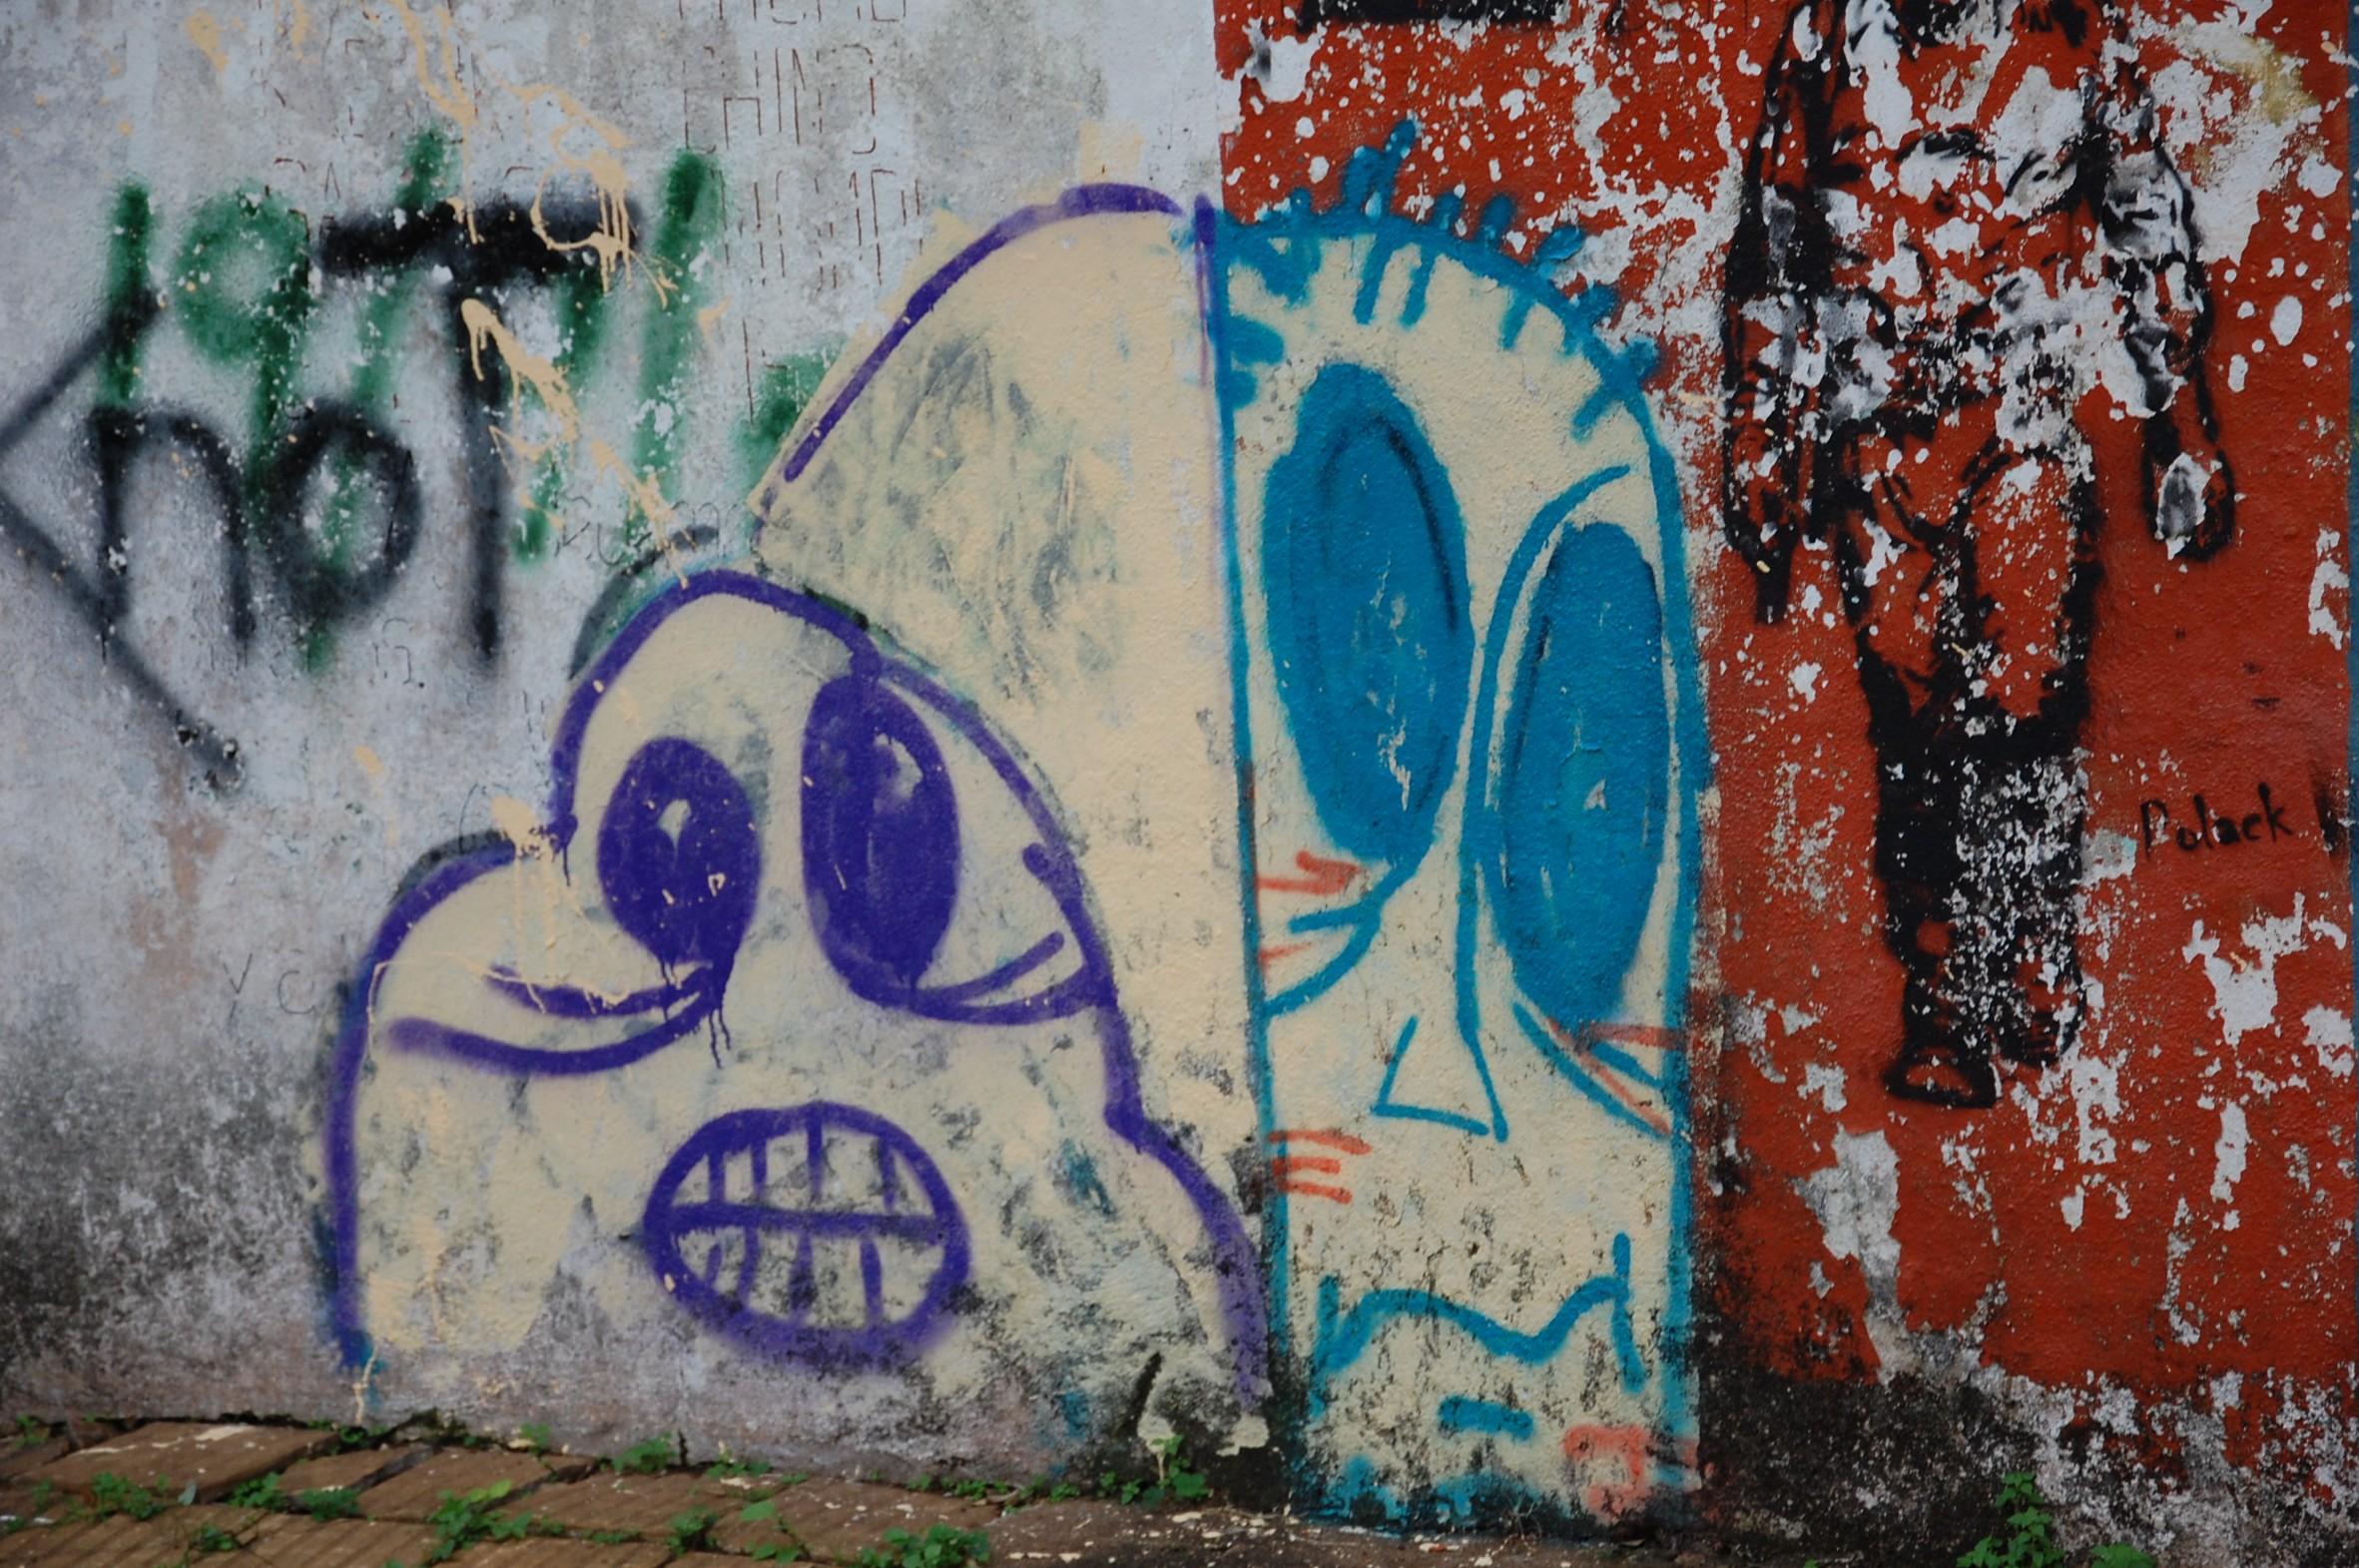 Mural hecho en Posadas Misiones Argentina — Foto de junio 2010